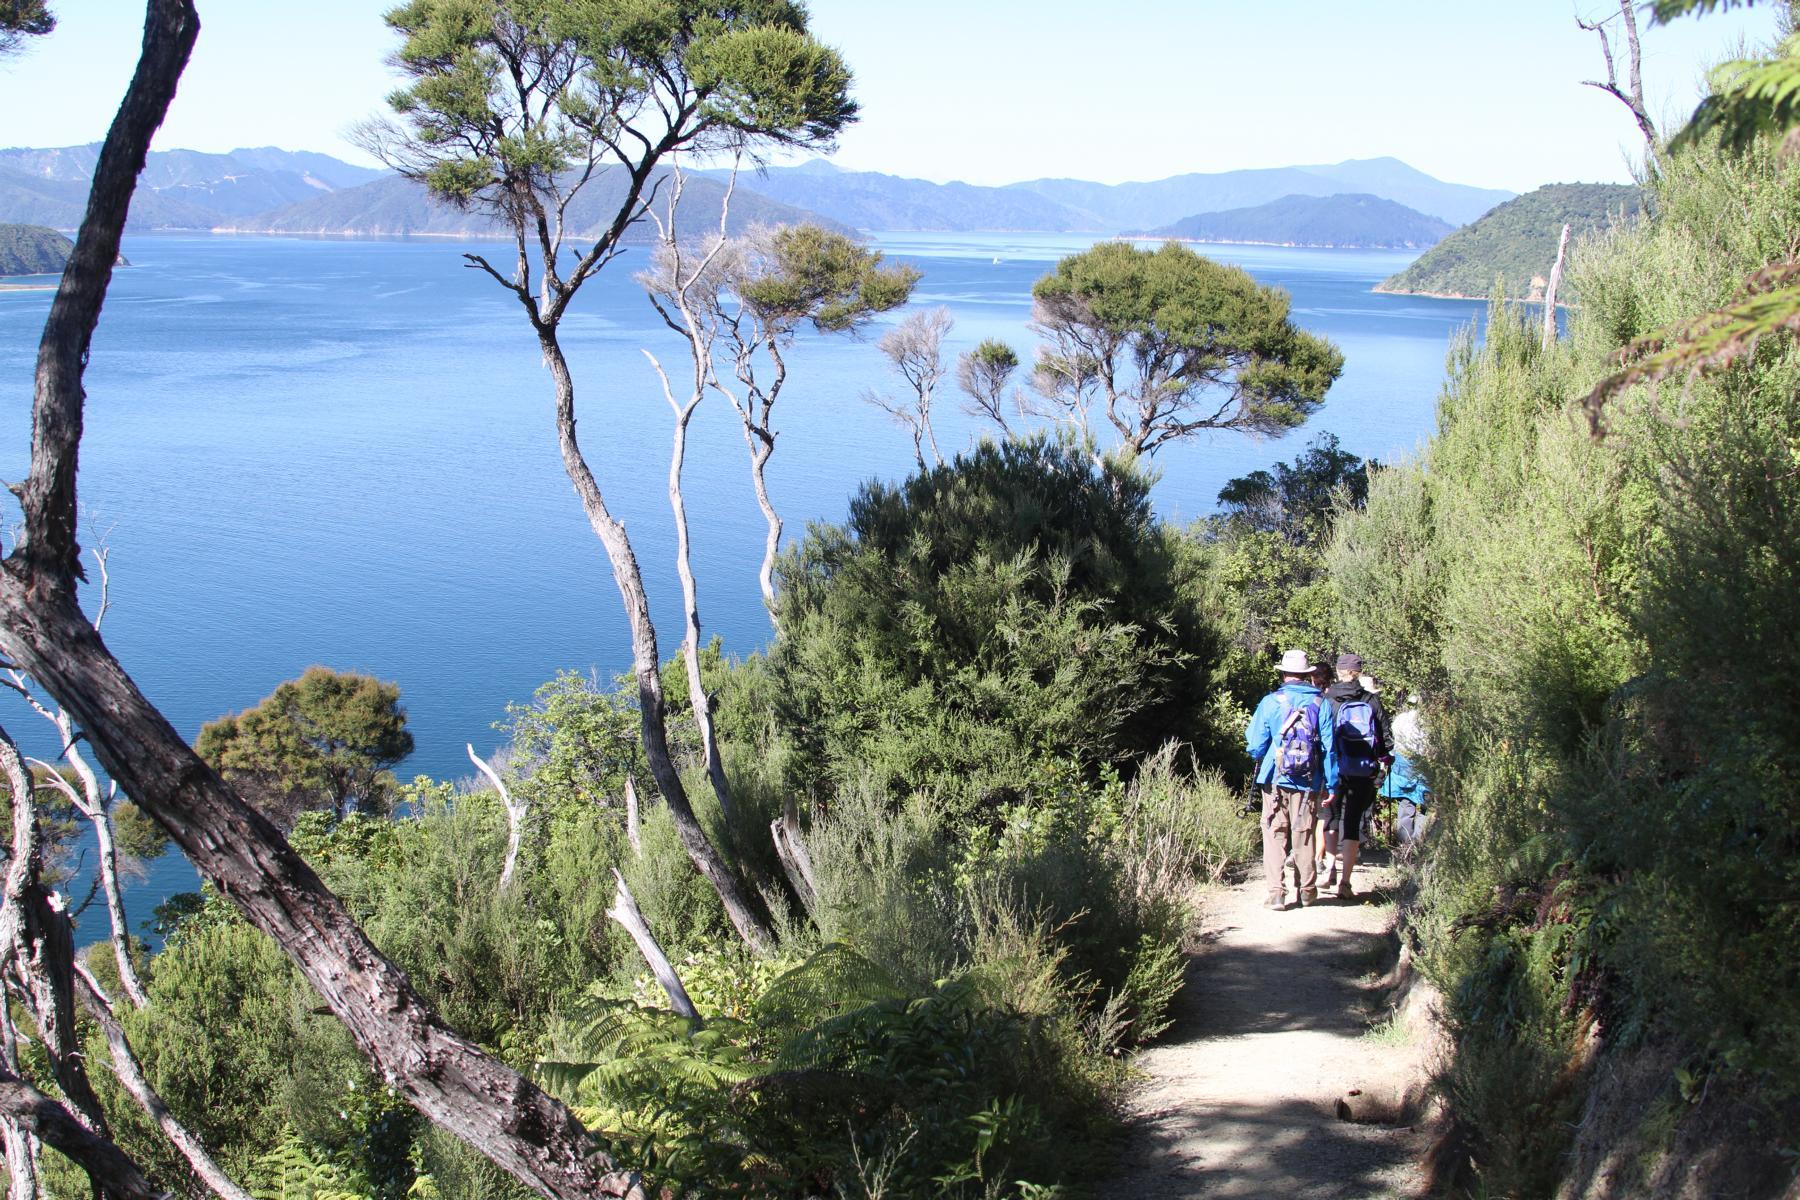 Wanderweg in den Bergen oberhalb des Wasser bei der Marlborough Lodge in Neuseeland